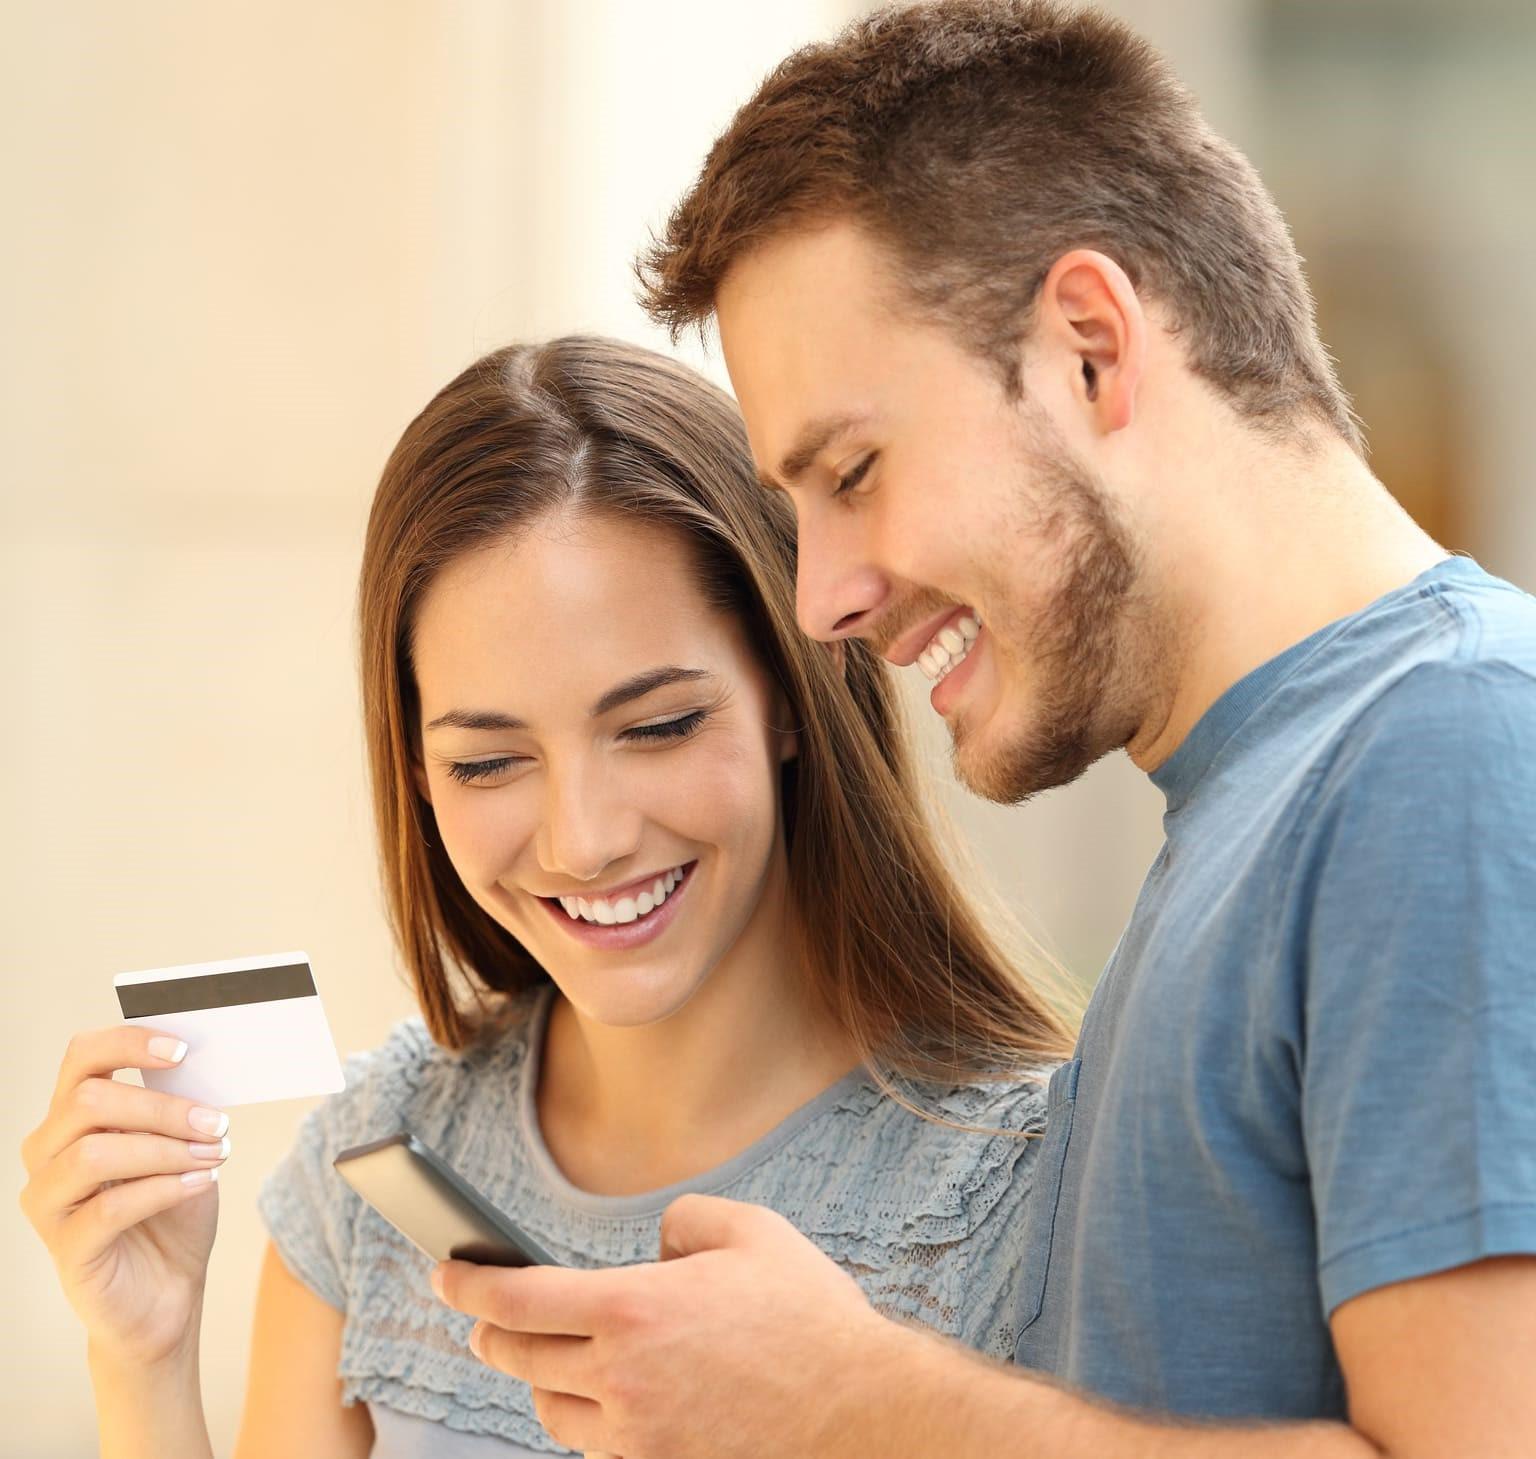 man en vrouw met bankpas lezen over psd2 bedrijven op smartphone